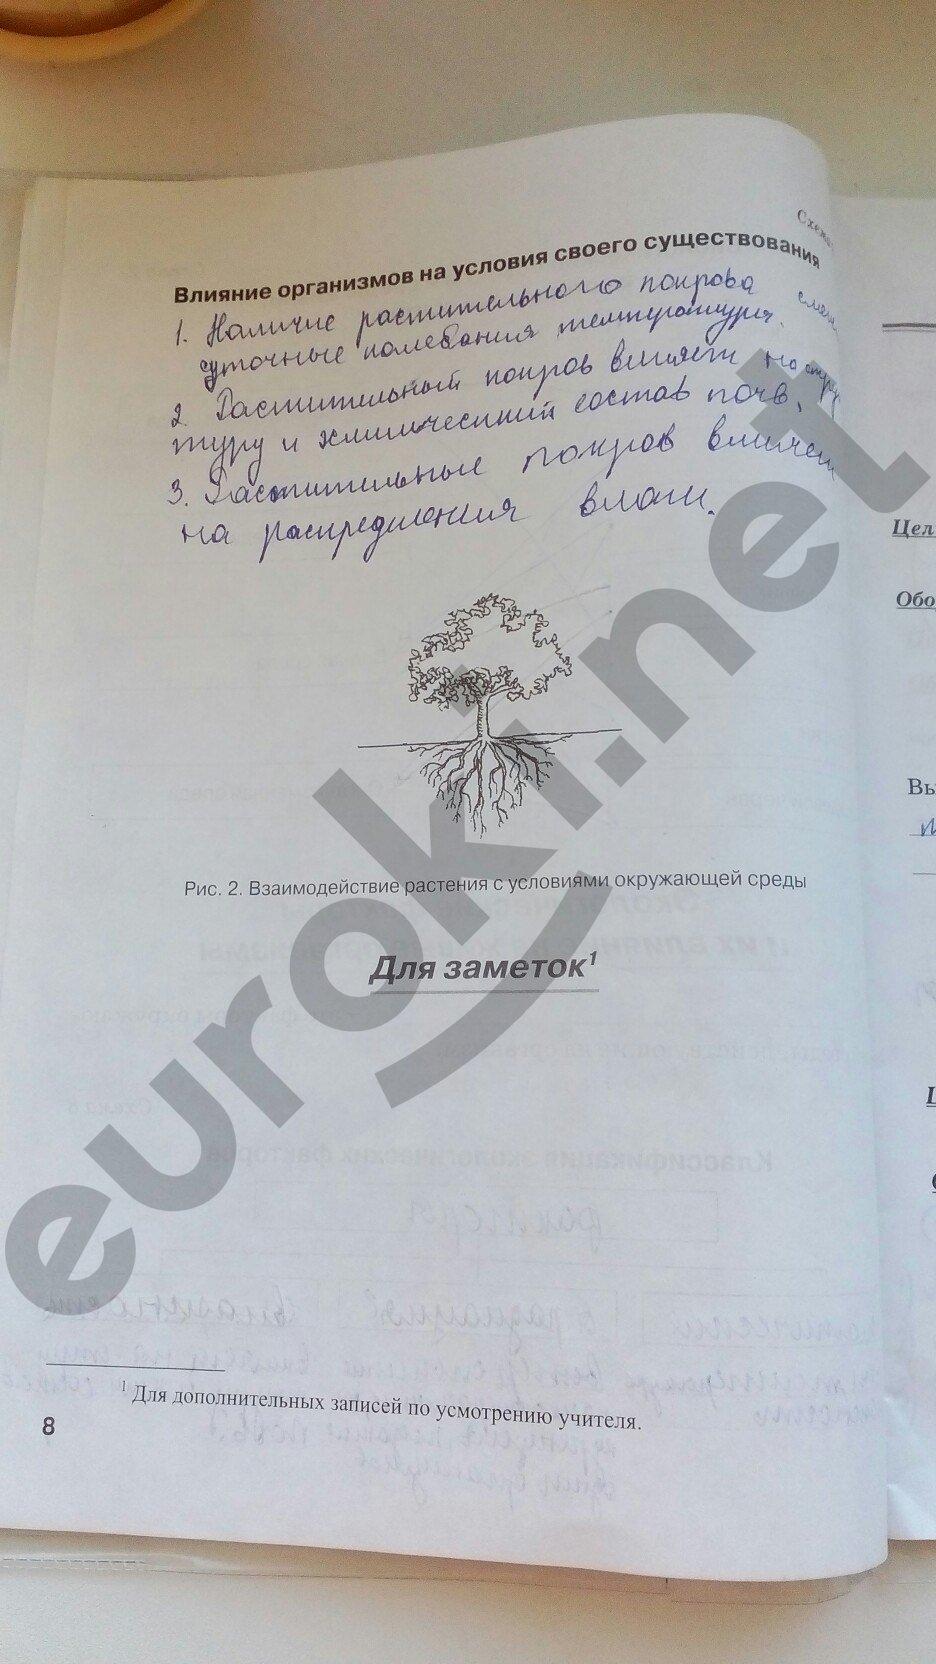 ГДЗ по биологии 5 класс рабочая тетрадь Бодрова. Задание: стр. 8